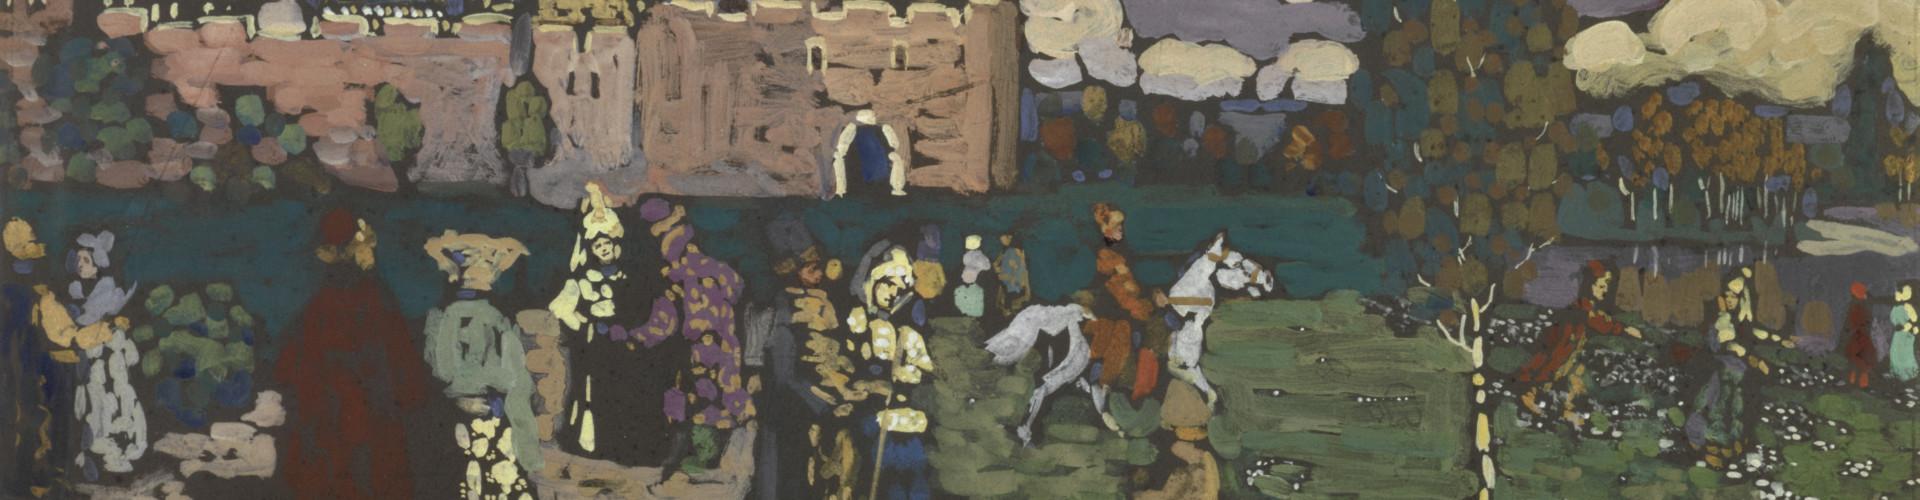 Folklore: Vassily Kandinsky, Old Russian (Vieille Russie), [early 1904] Paris, Centre Pompidou, Musée national d'art moderne © Centre Pompidou, MNAM-CCI/Georges Meguerditchian/Dist. RMN-GP